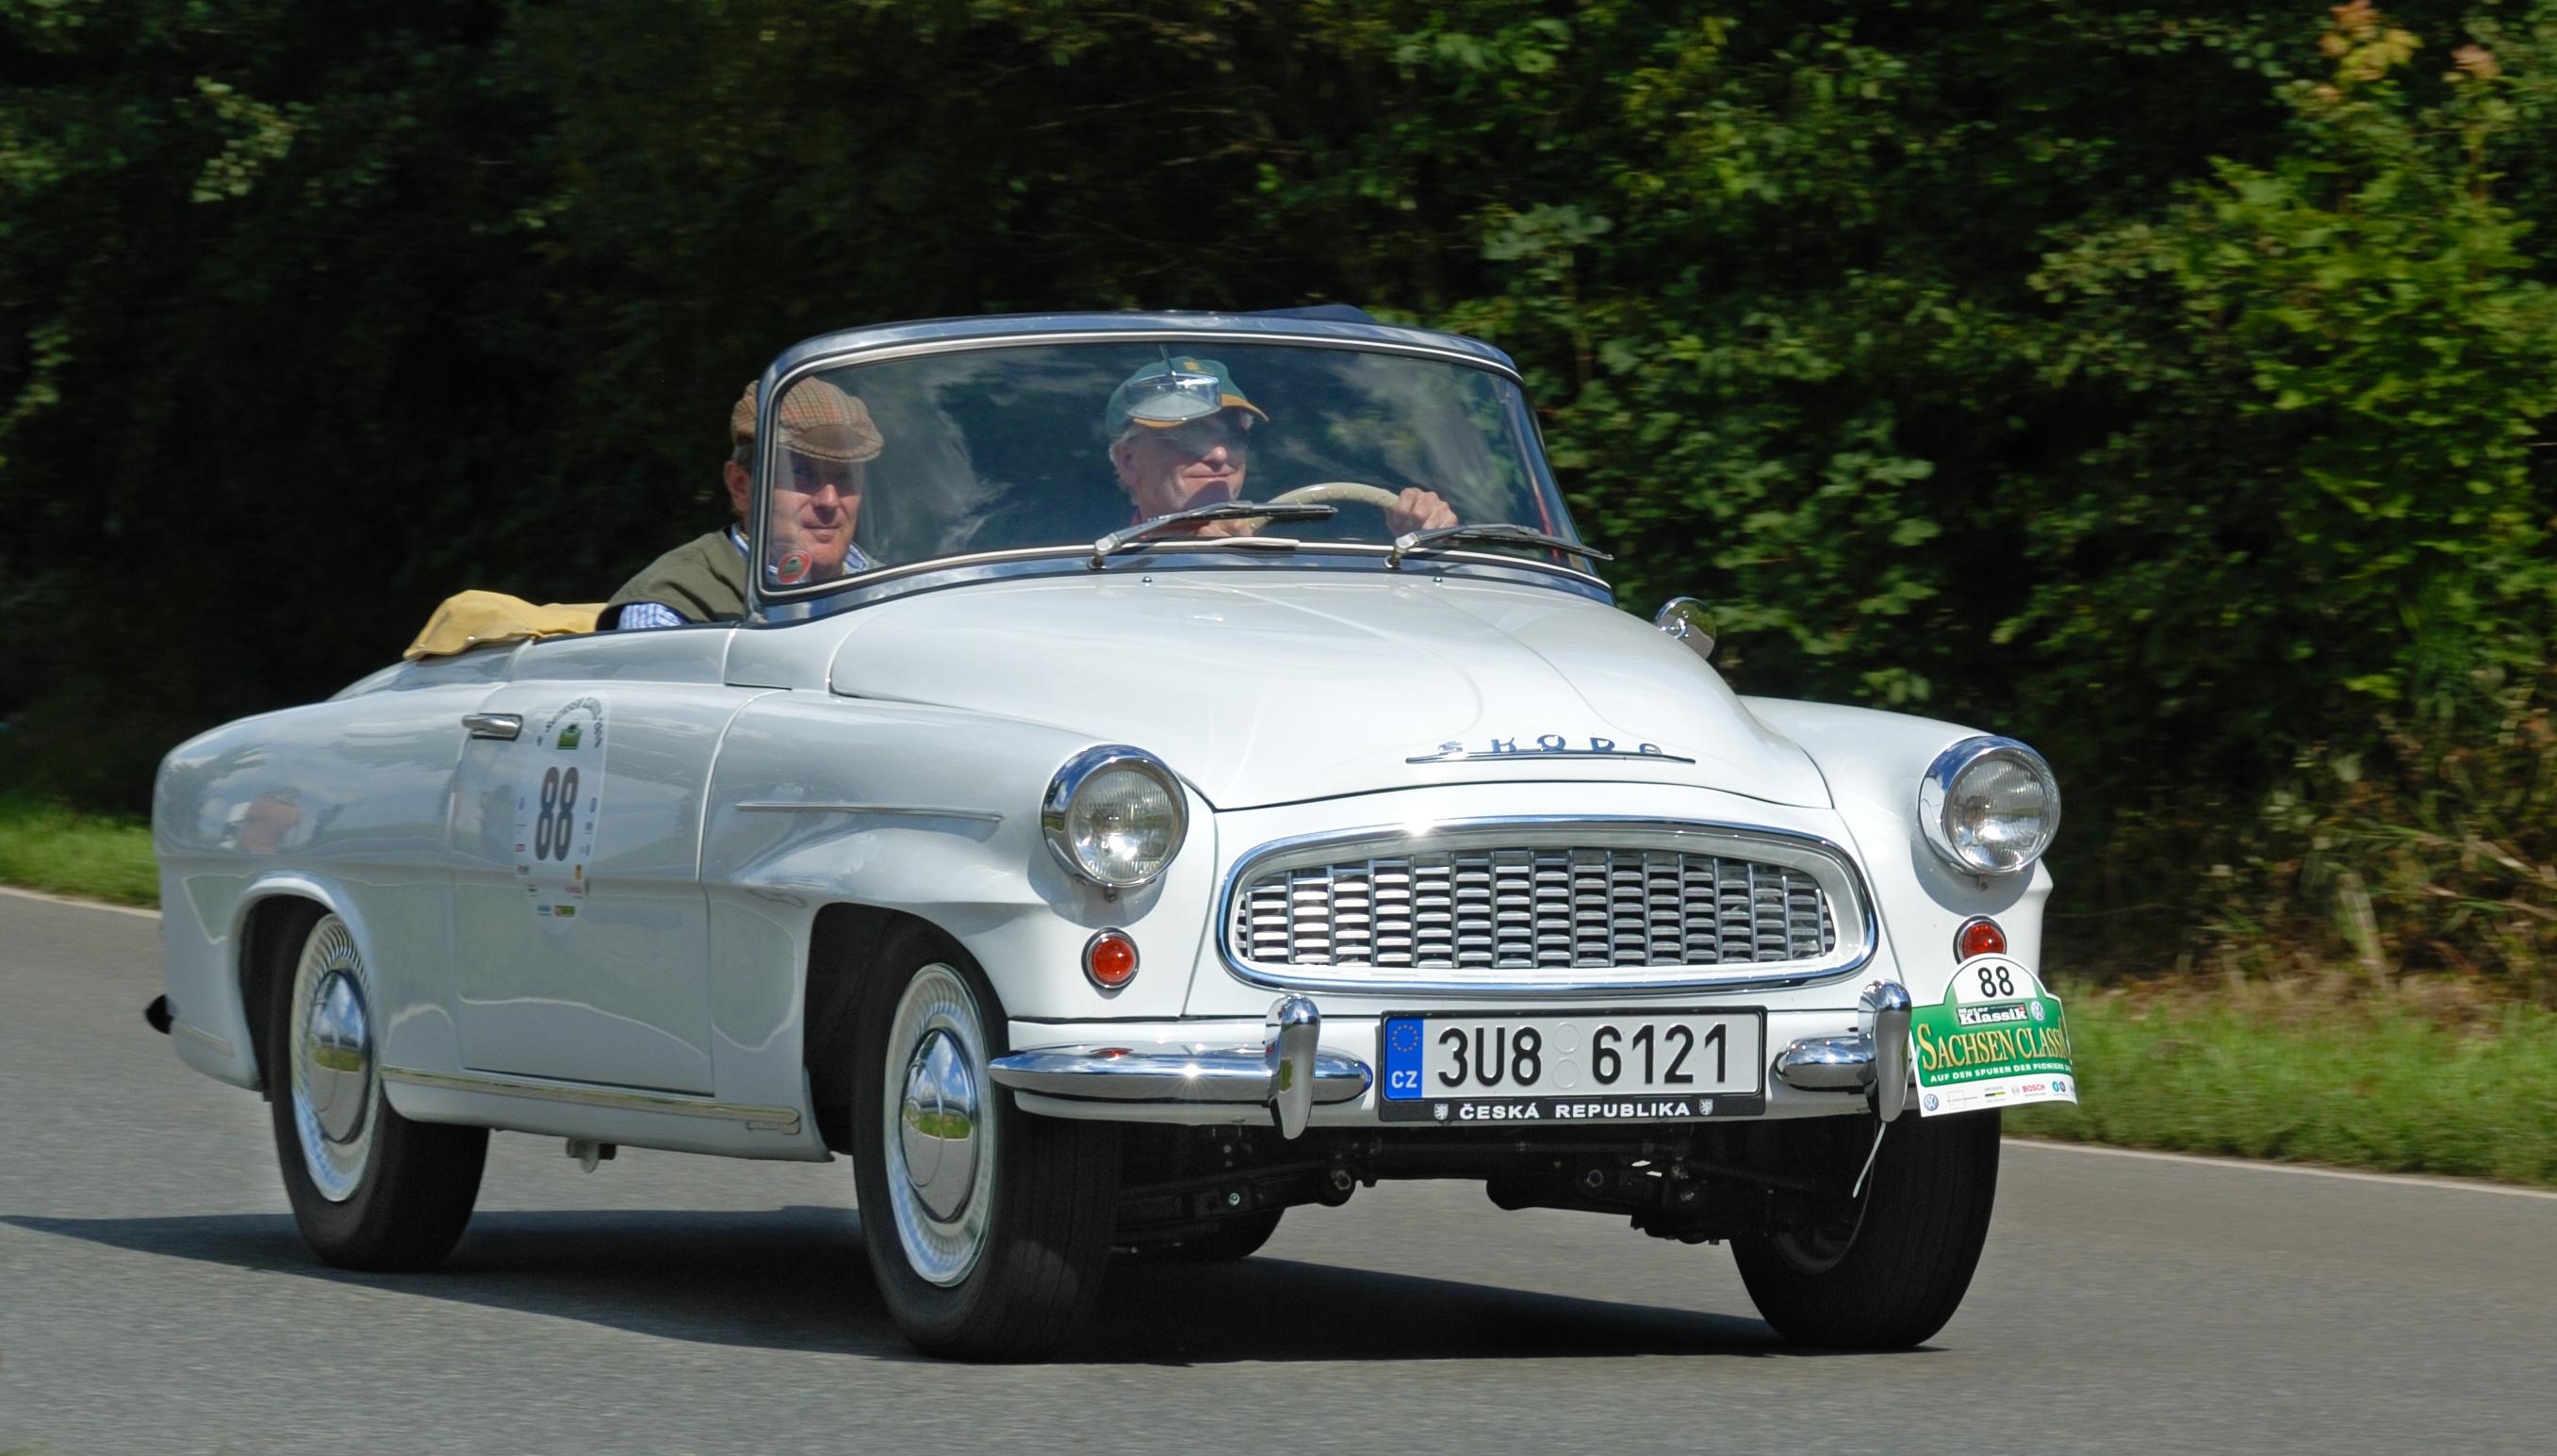 Http Commons Wikimedia Org Wiki File Saxony Classic Rallye 2010 Skoda Felicia 1960 1 Aka Jpg